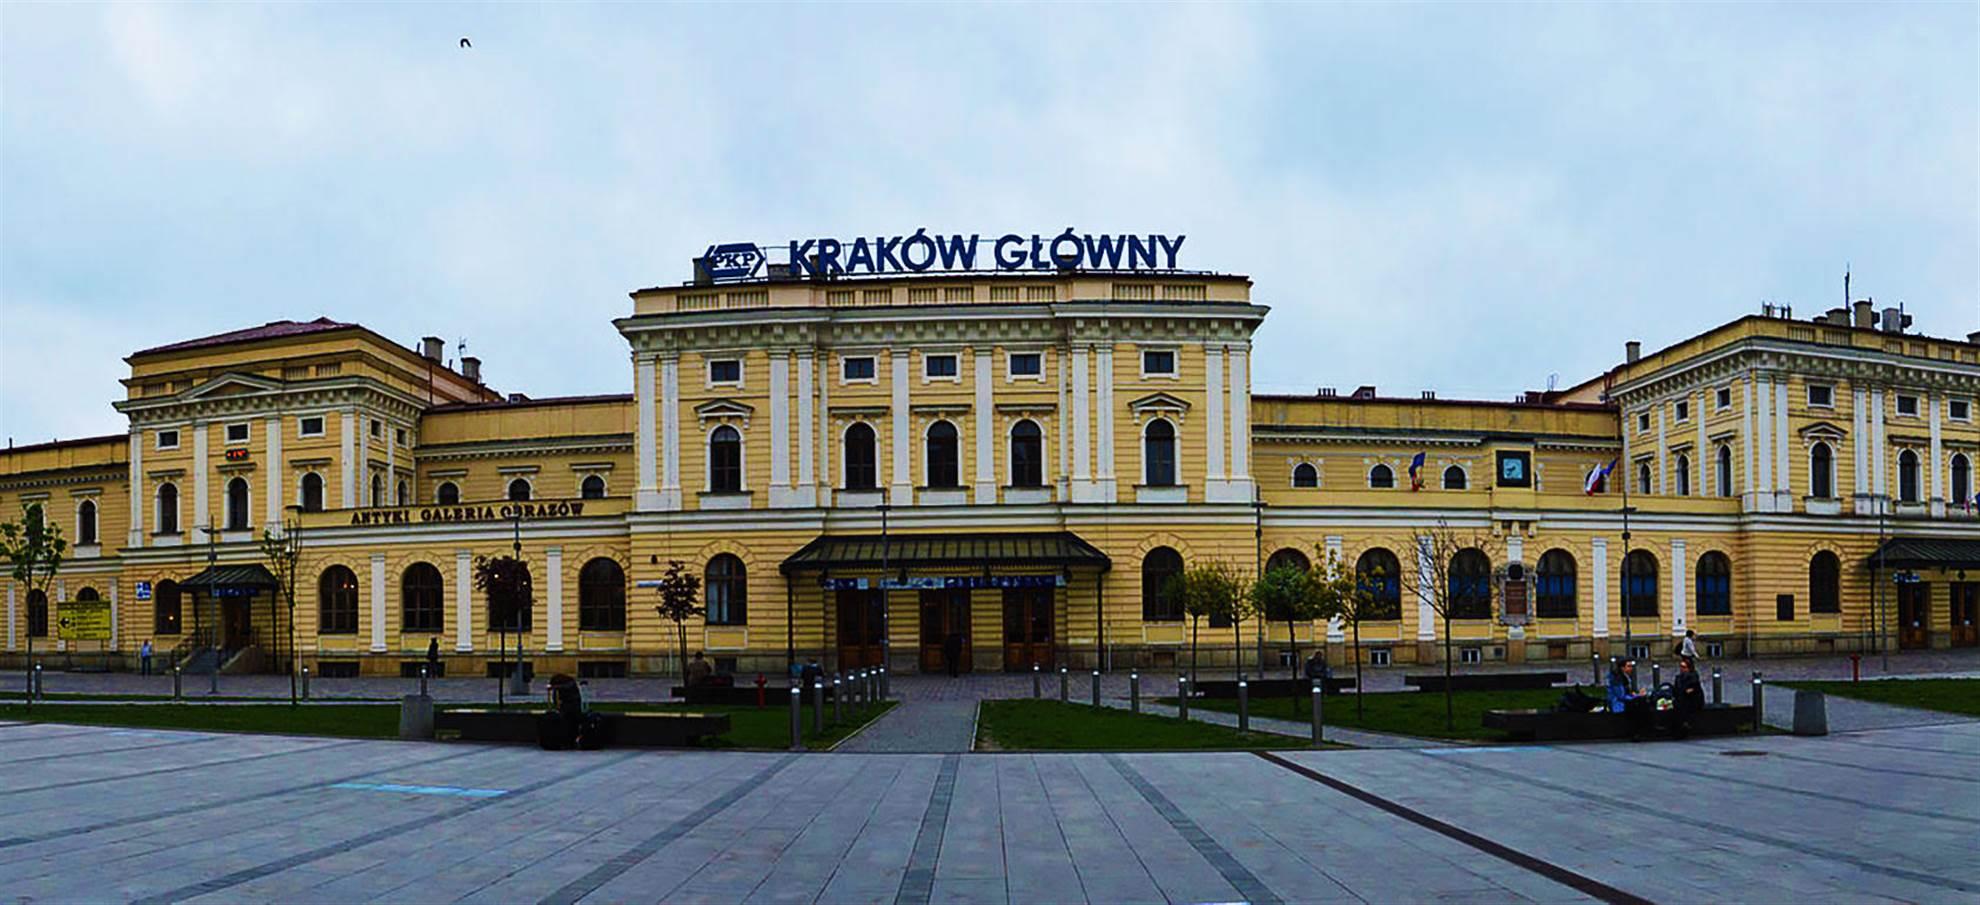 Treno dalla stazione centrale di Cracovia a Oświęcim (Auschwitz)